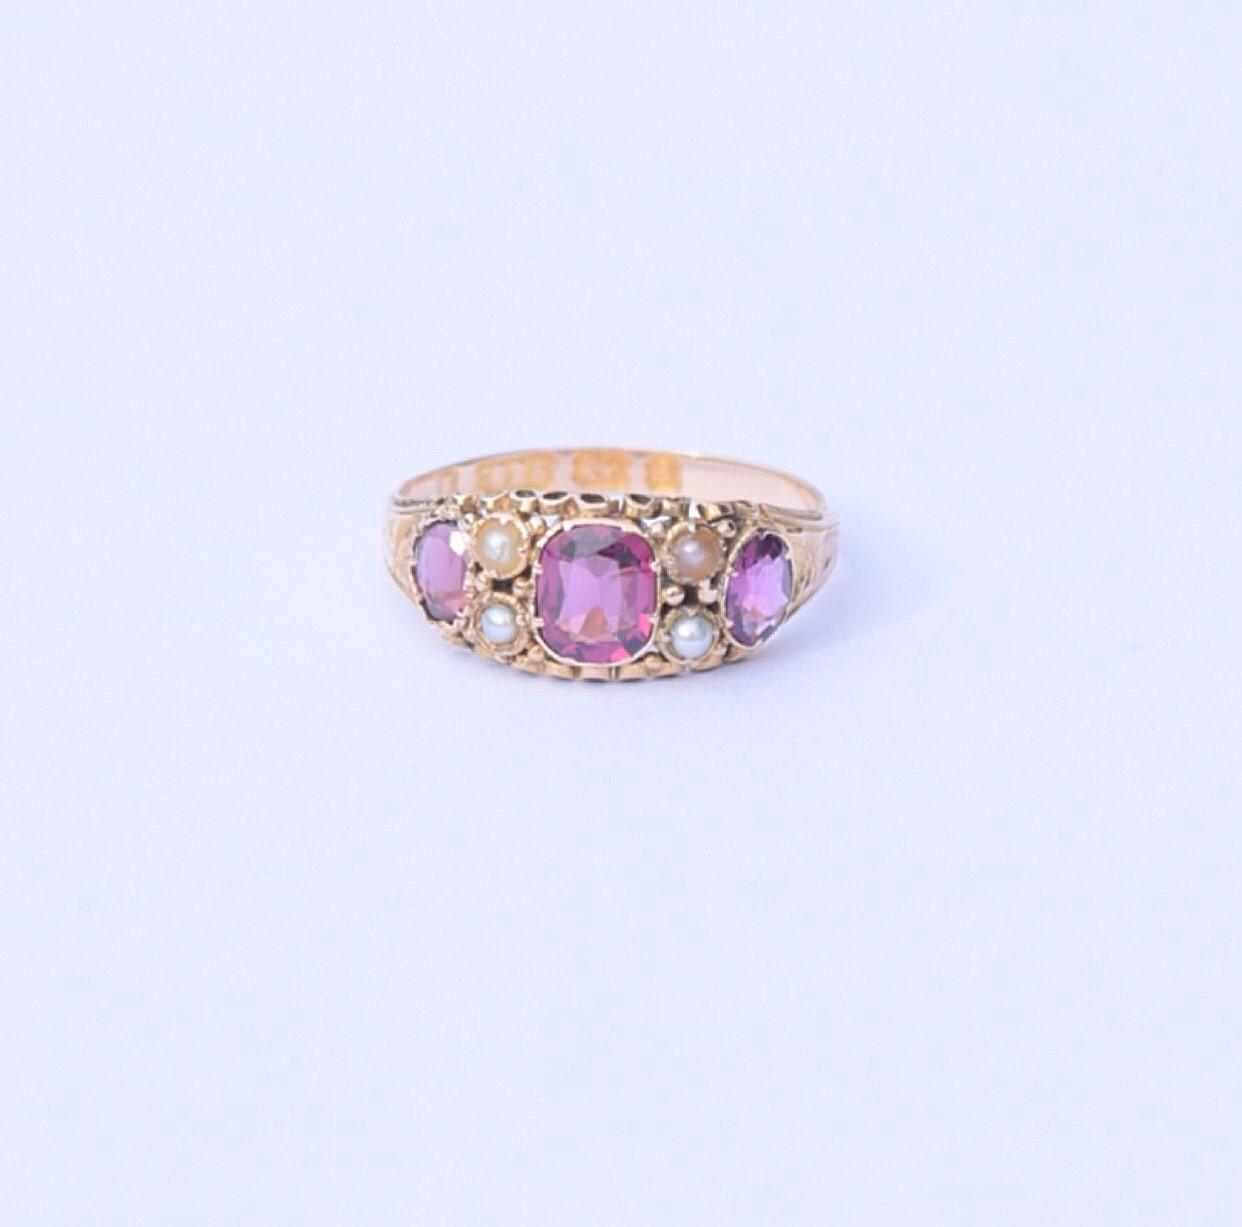 טבעת ויקטוריאנית זהב עם גרנטים אגוזיים ופנינים.